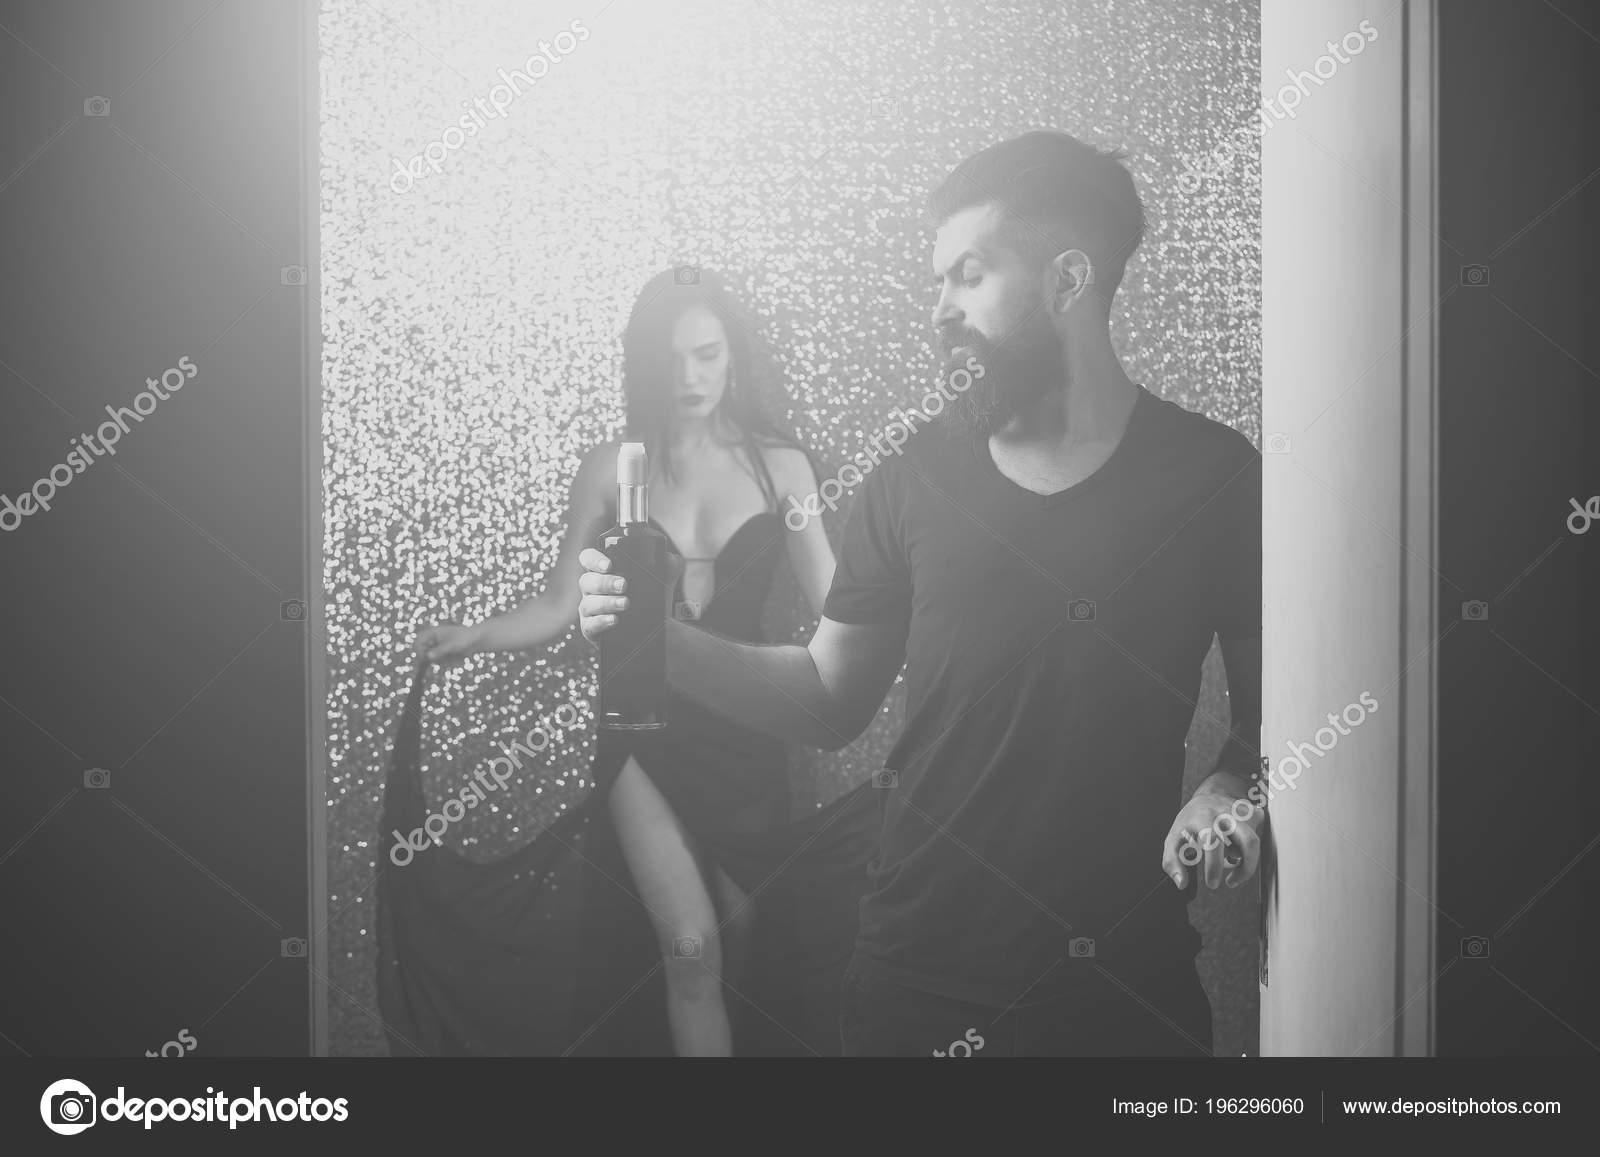 Фото раздевающихся пар, худую проститутку жестко трахнули